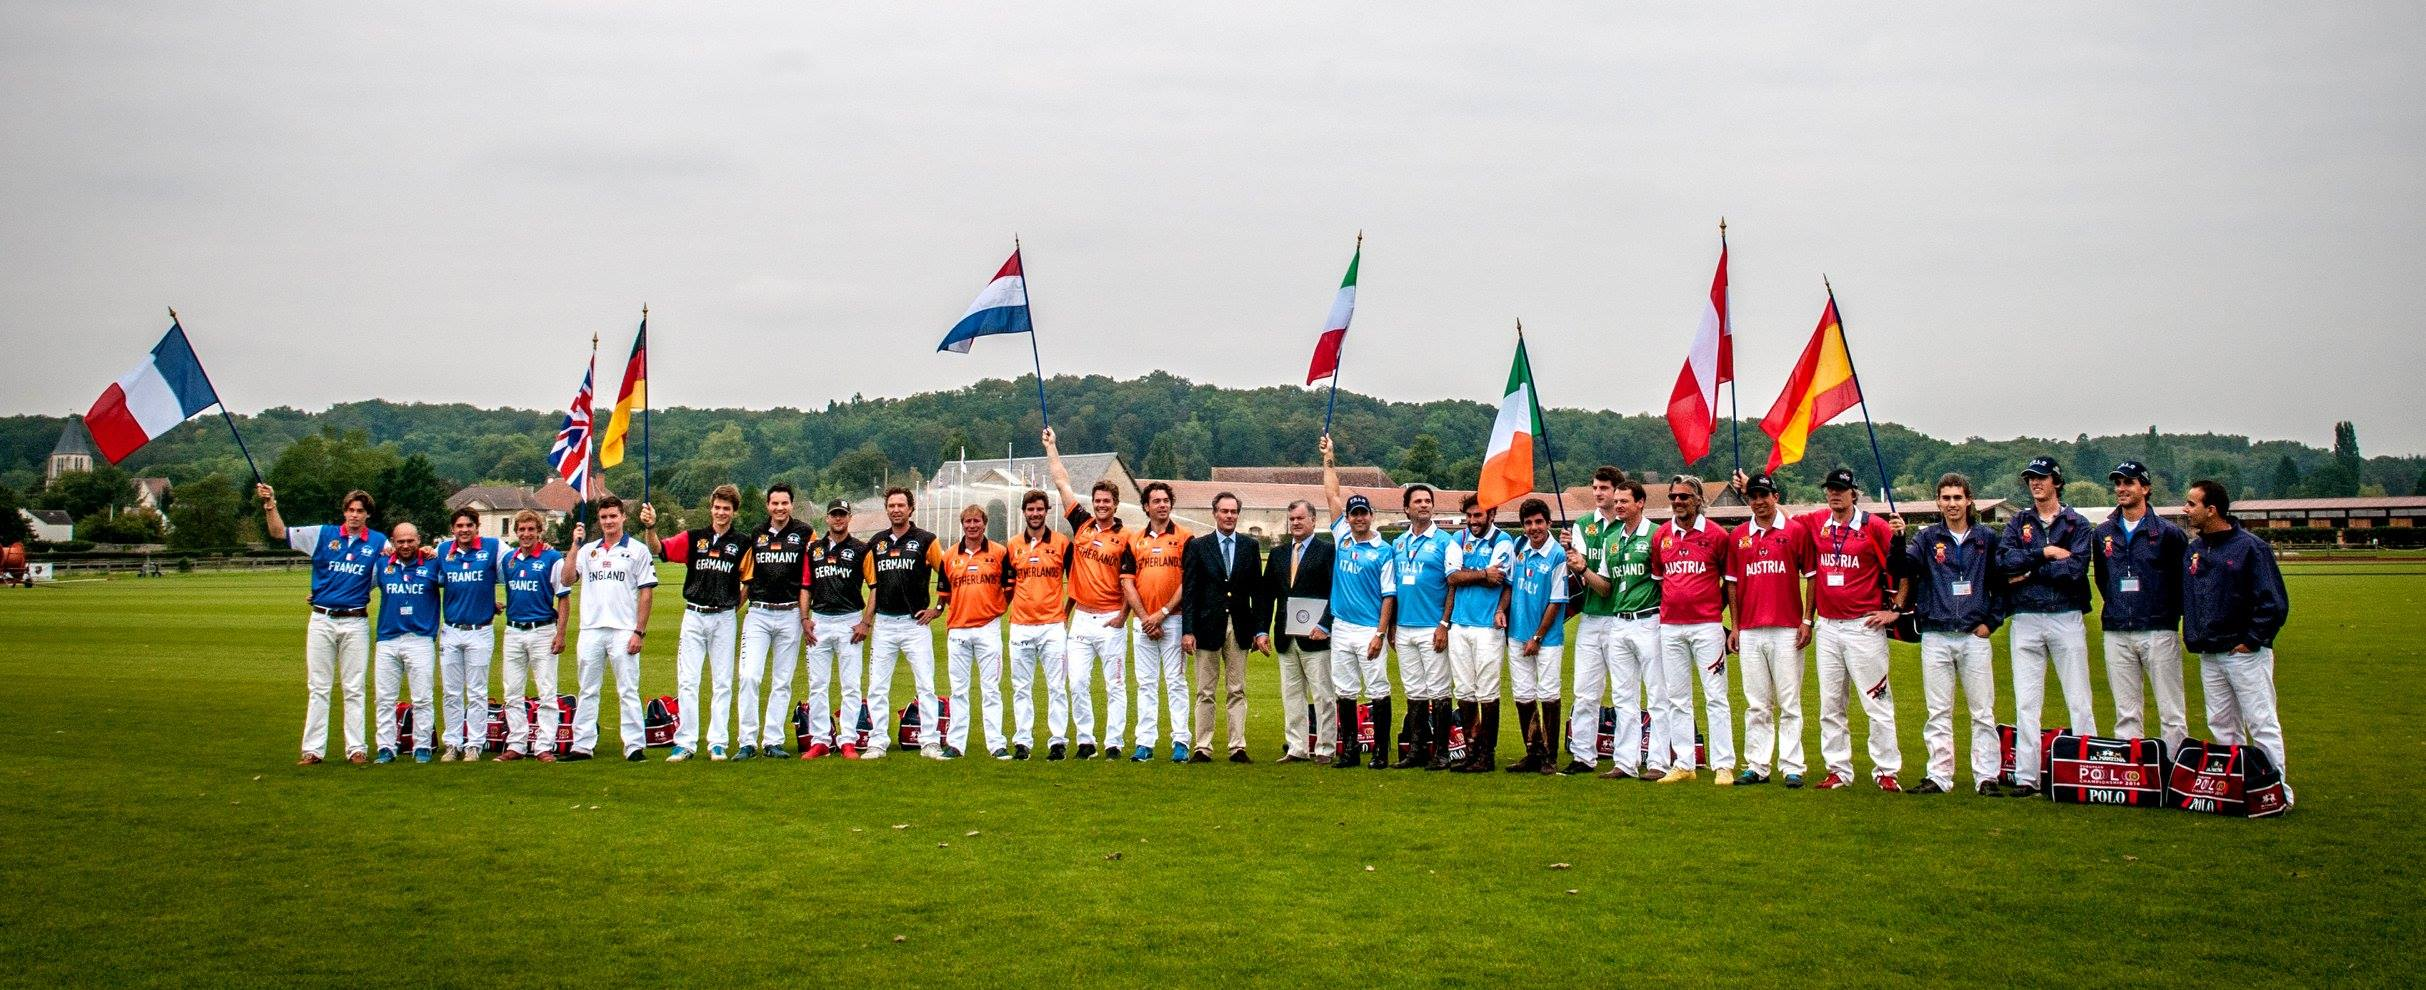 Les 8 équipes participant au Championnat d'Europe de Polo organisé en 2014 par le Polo Club du Domaine de Chantilly The 8 teams competing at the European Polo Championship organized in 2014 by Chantilly Polo Club